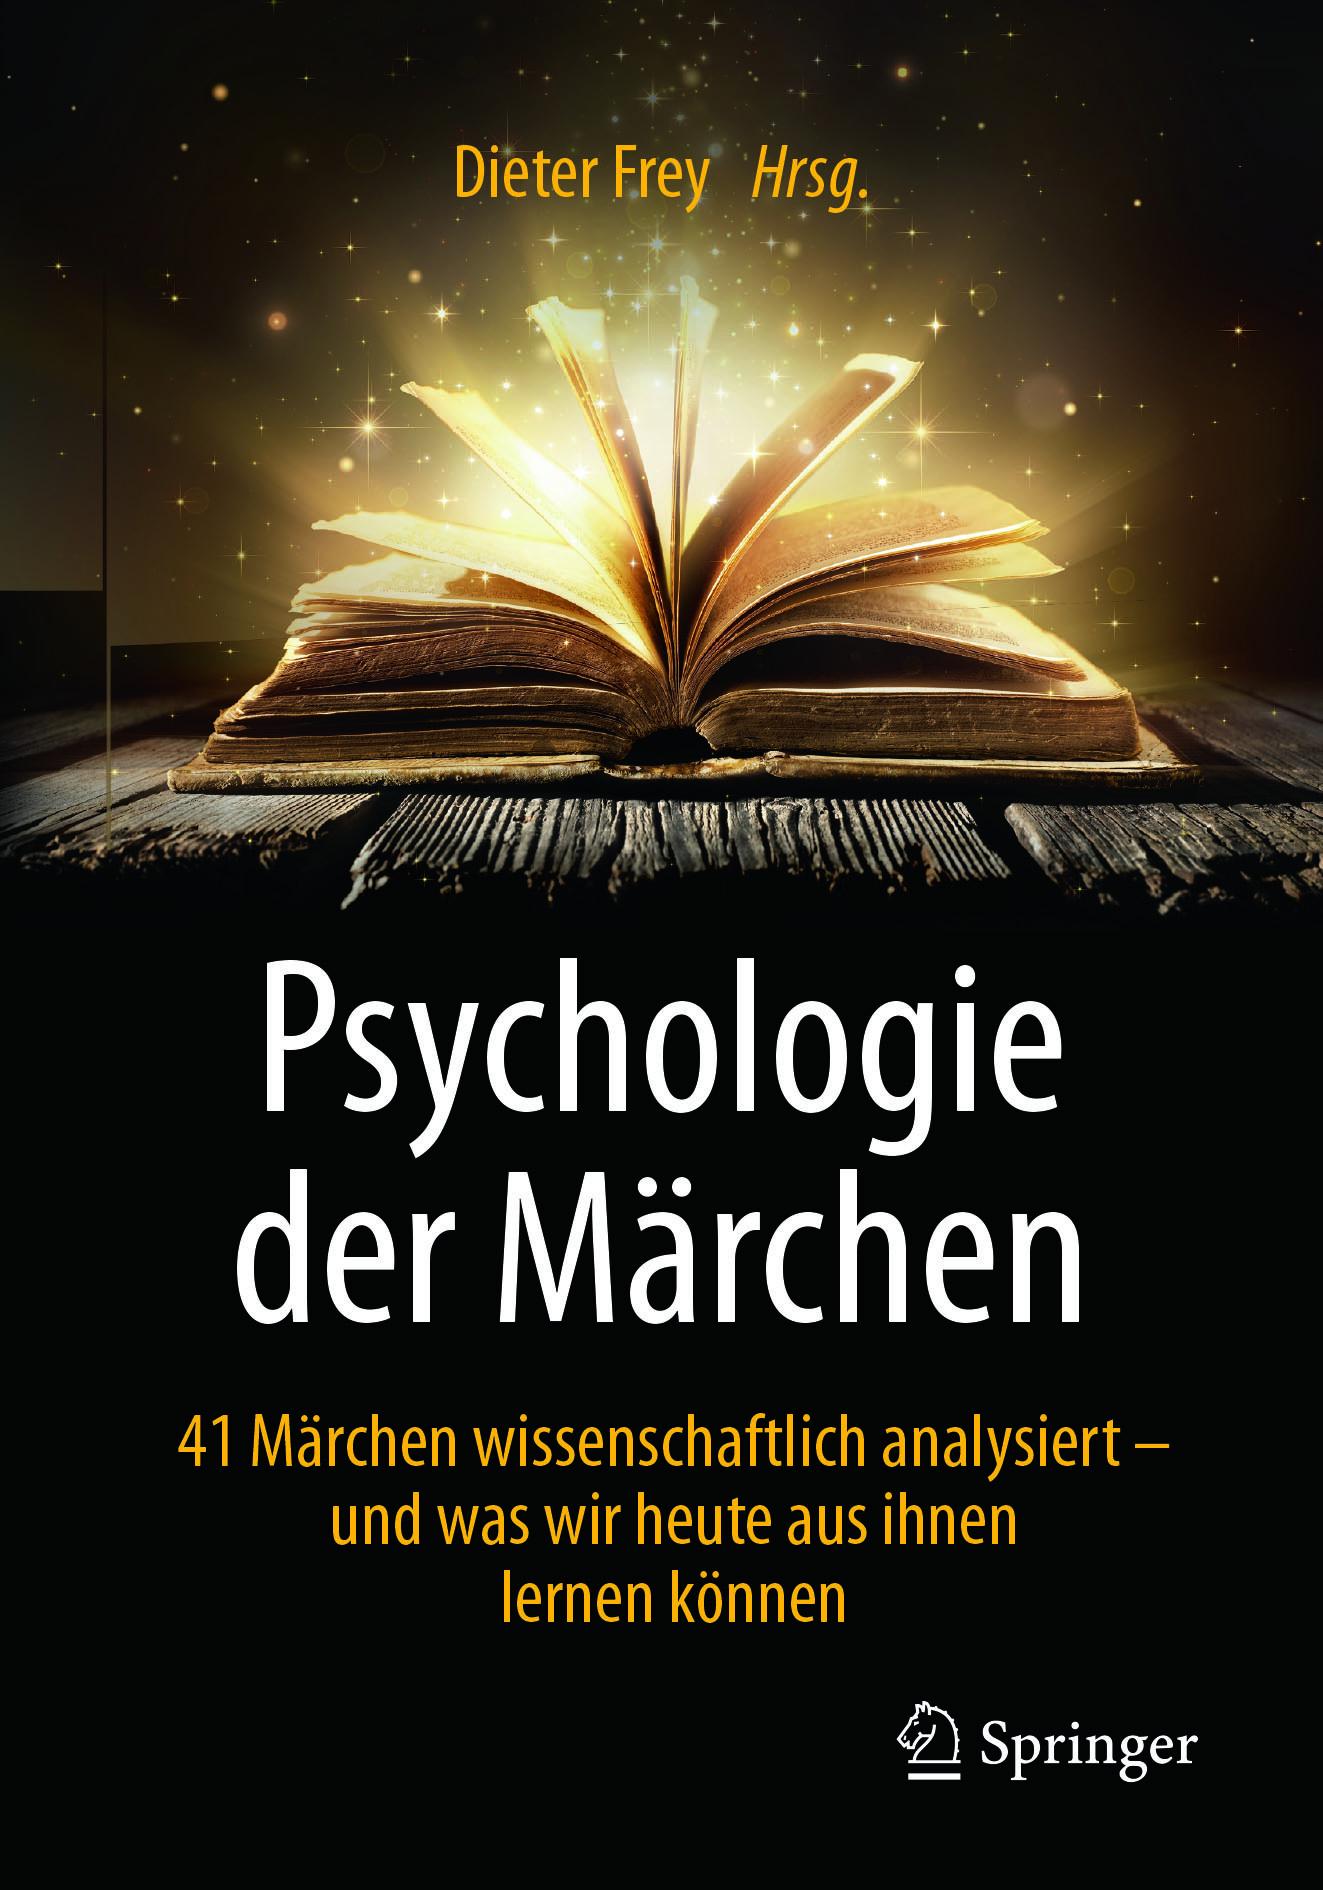 Frey, Dieter - Psychologie der Märchen, ebook